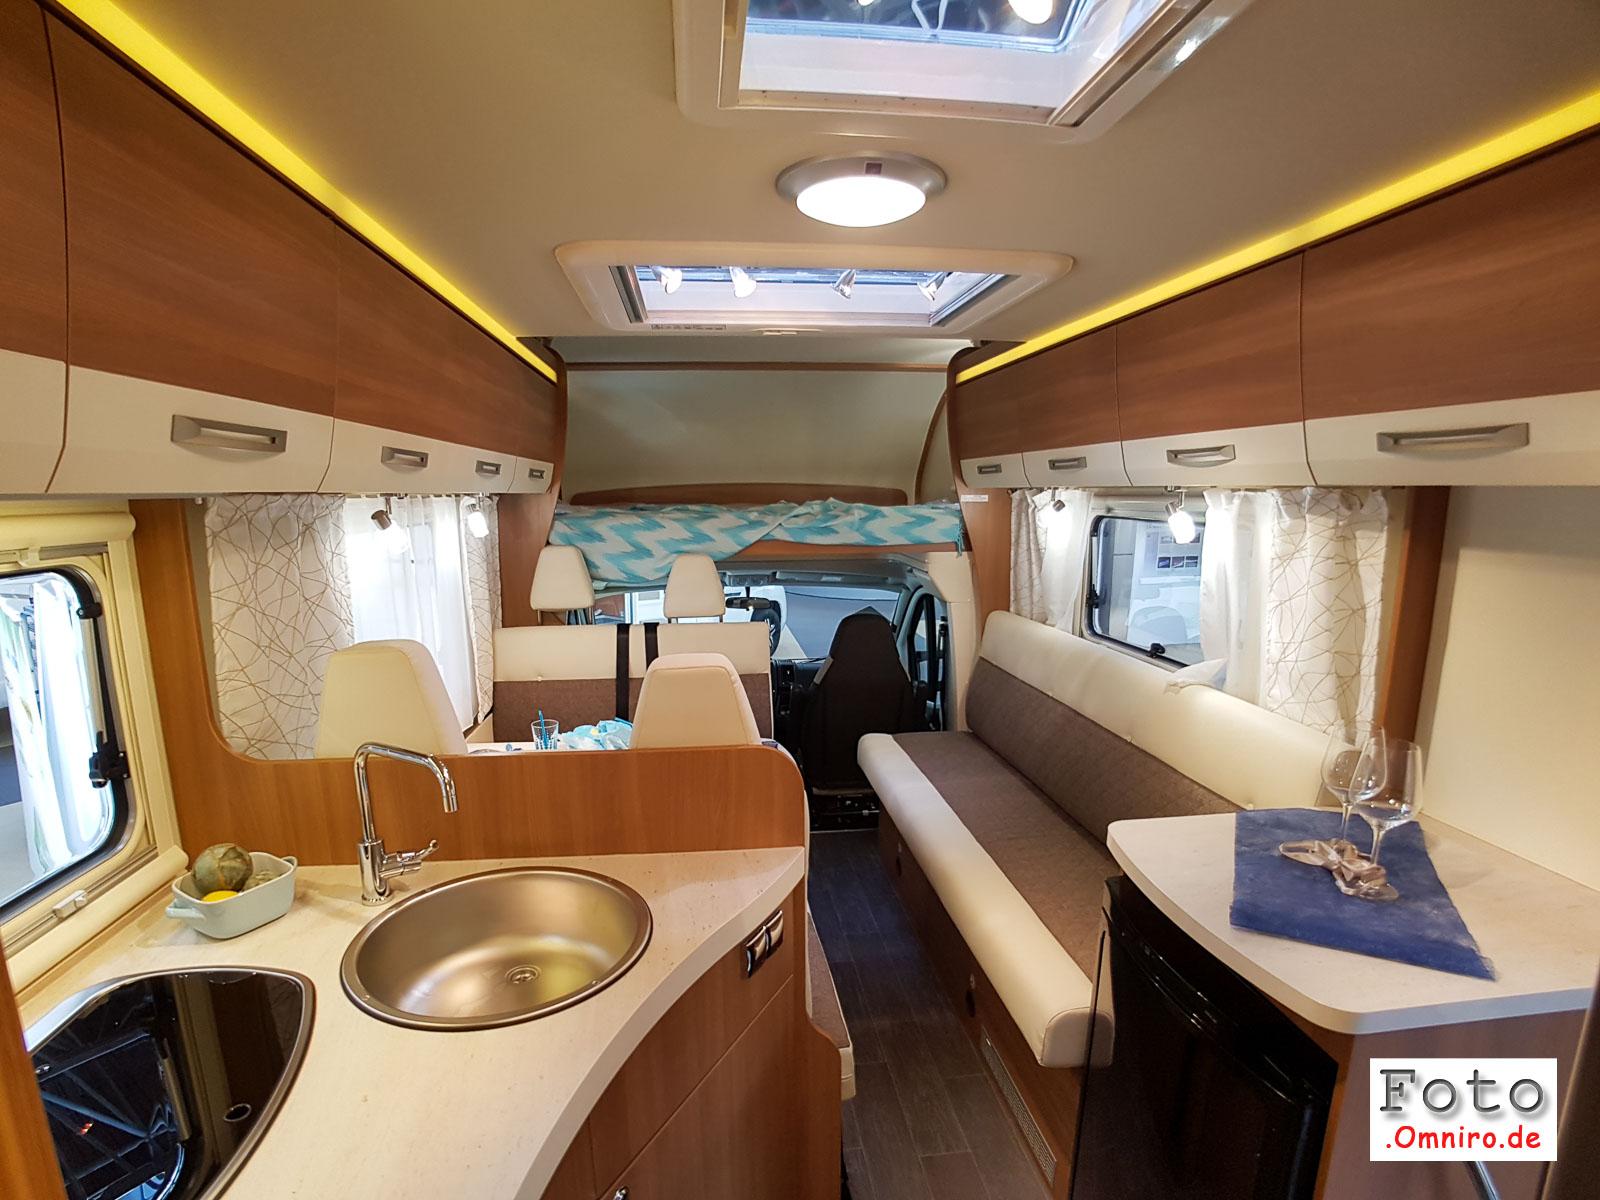 2016-08-26_12-49-57_caravan-salon_20160826_124957-1600